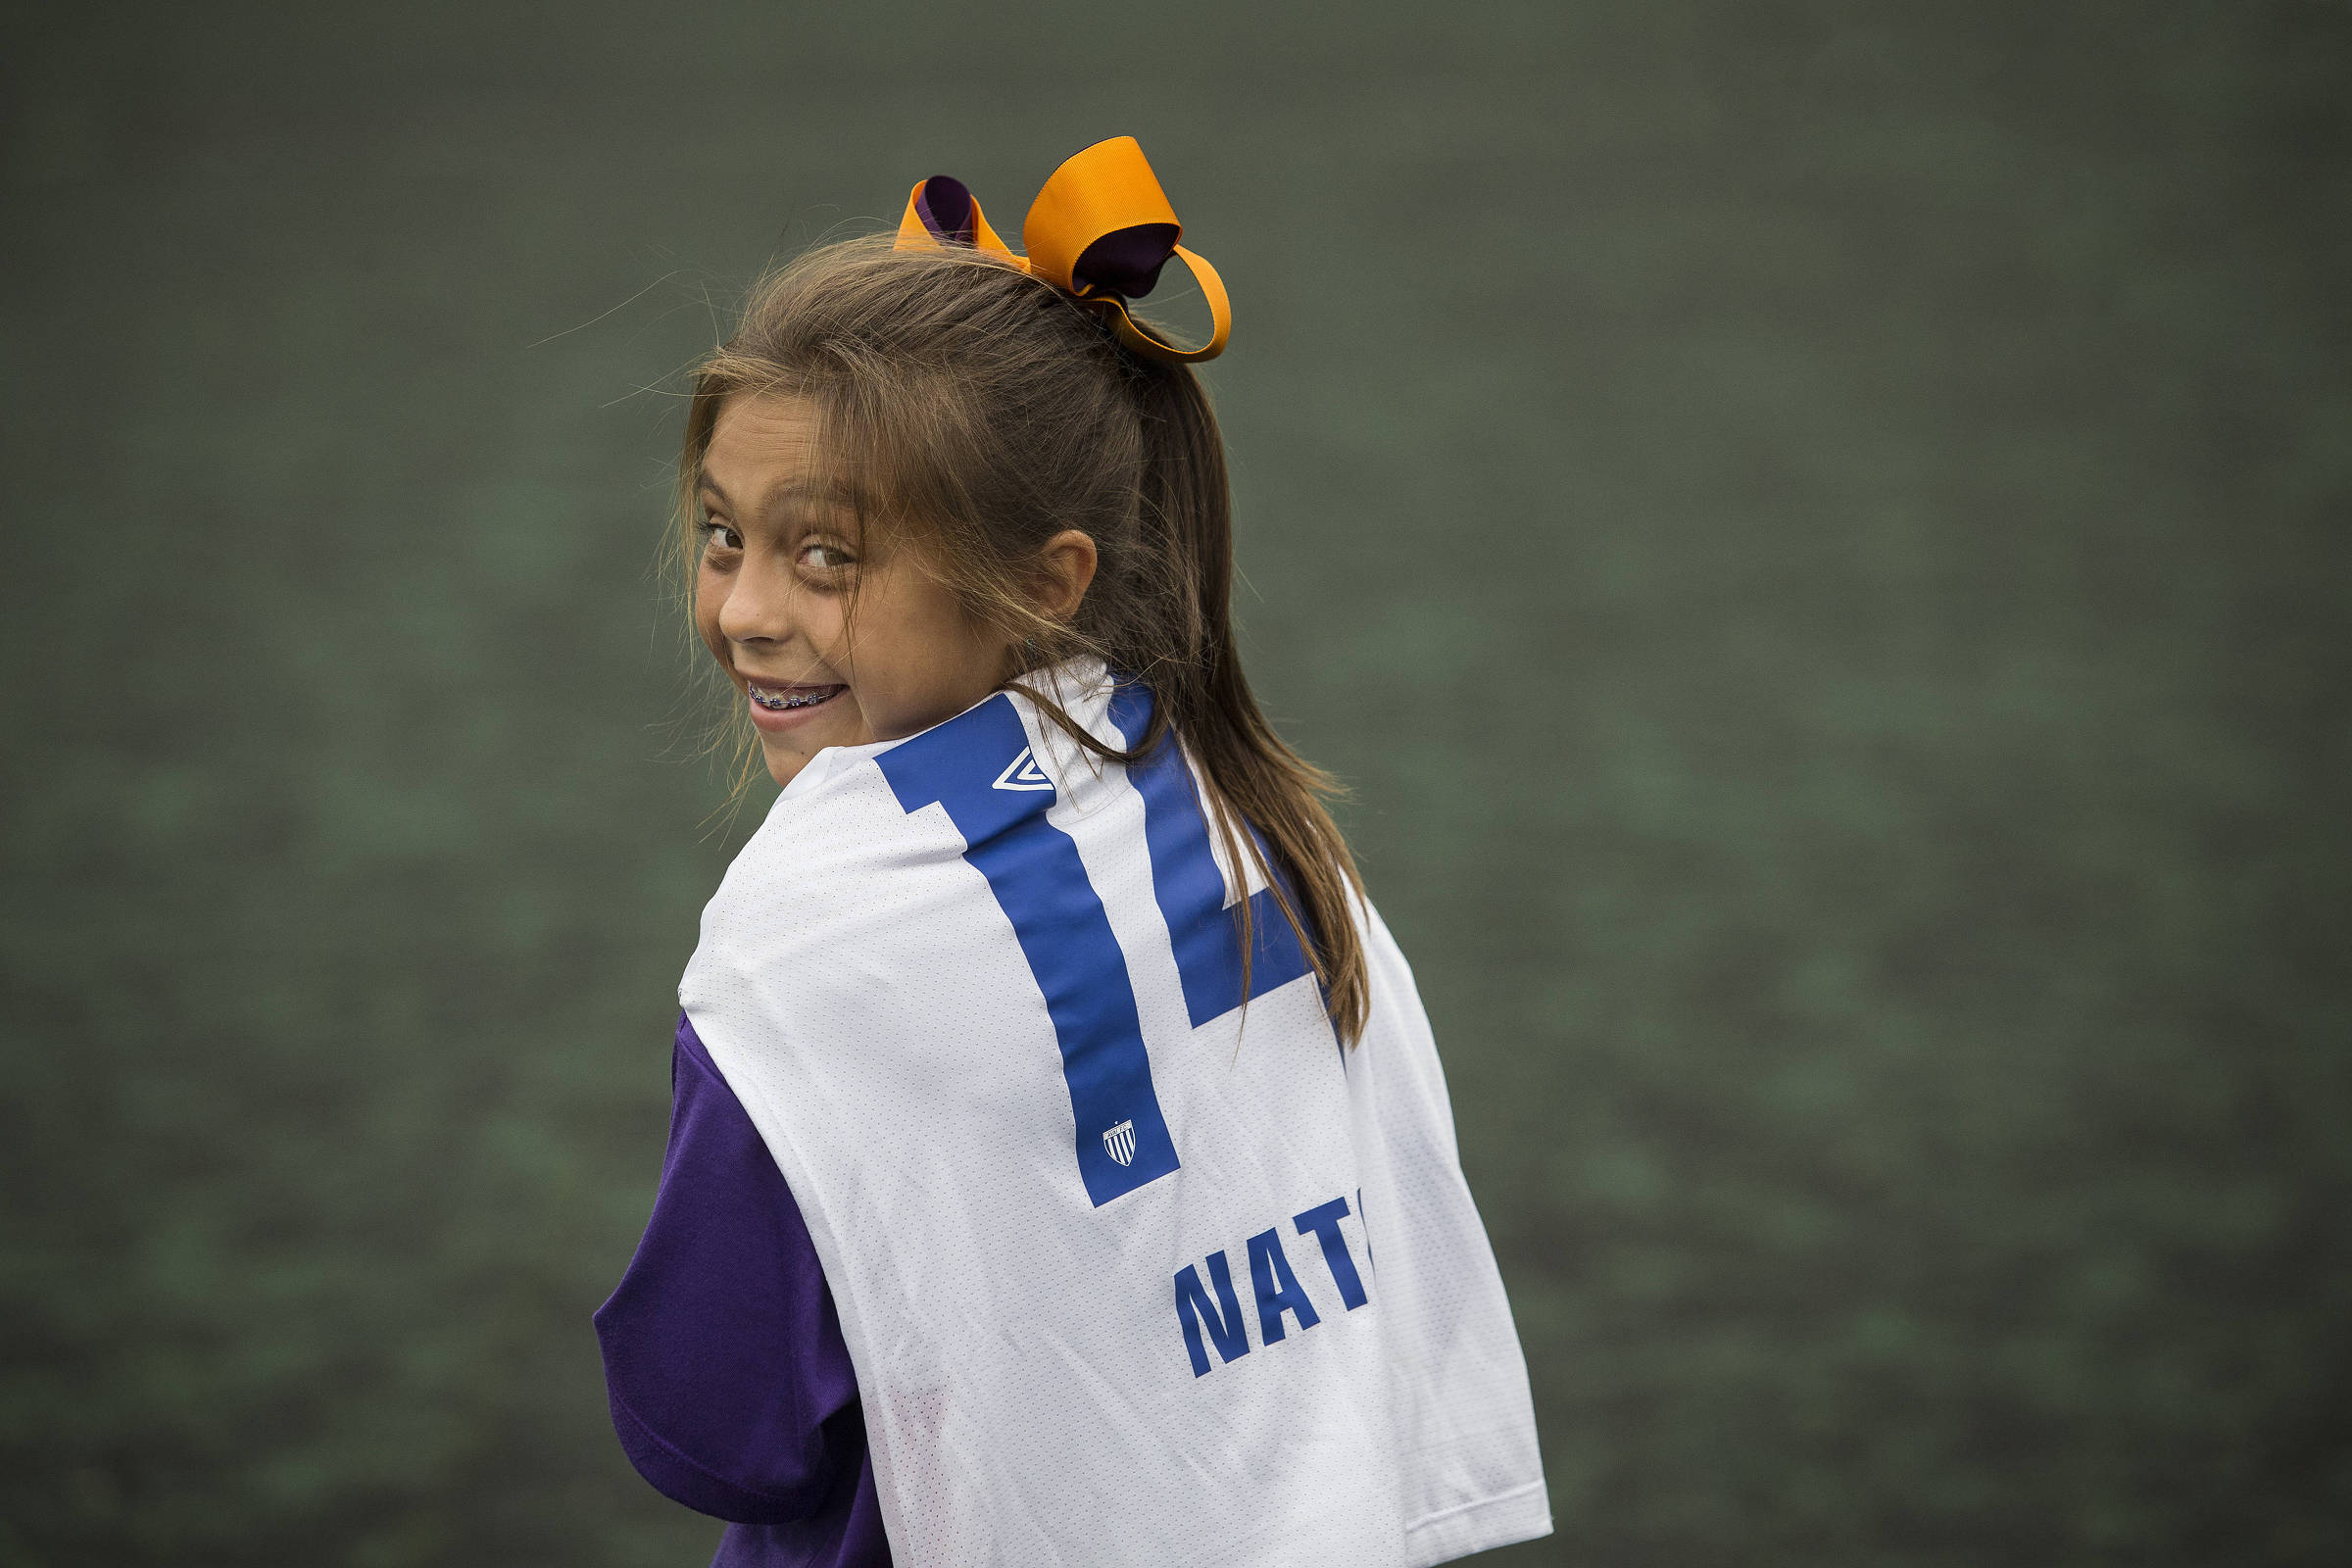 Natalia, a menina do laço, vai jogar com garotos no Avaí